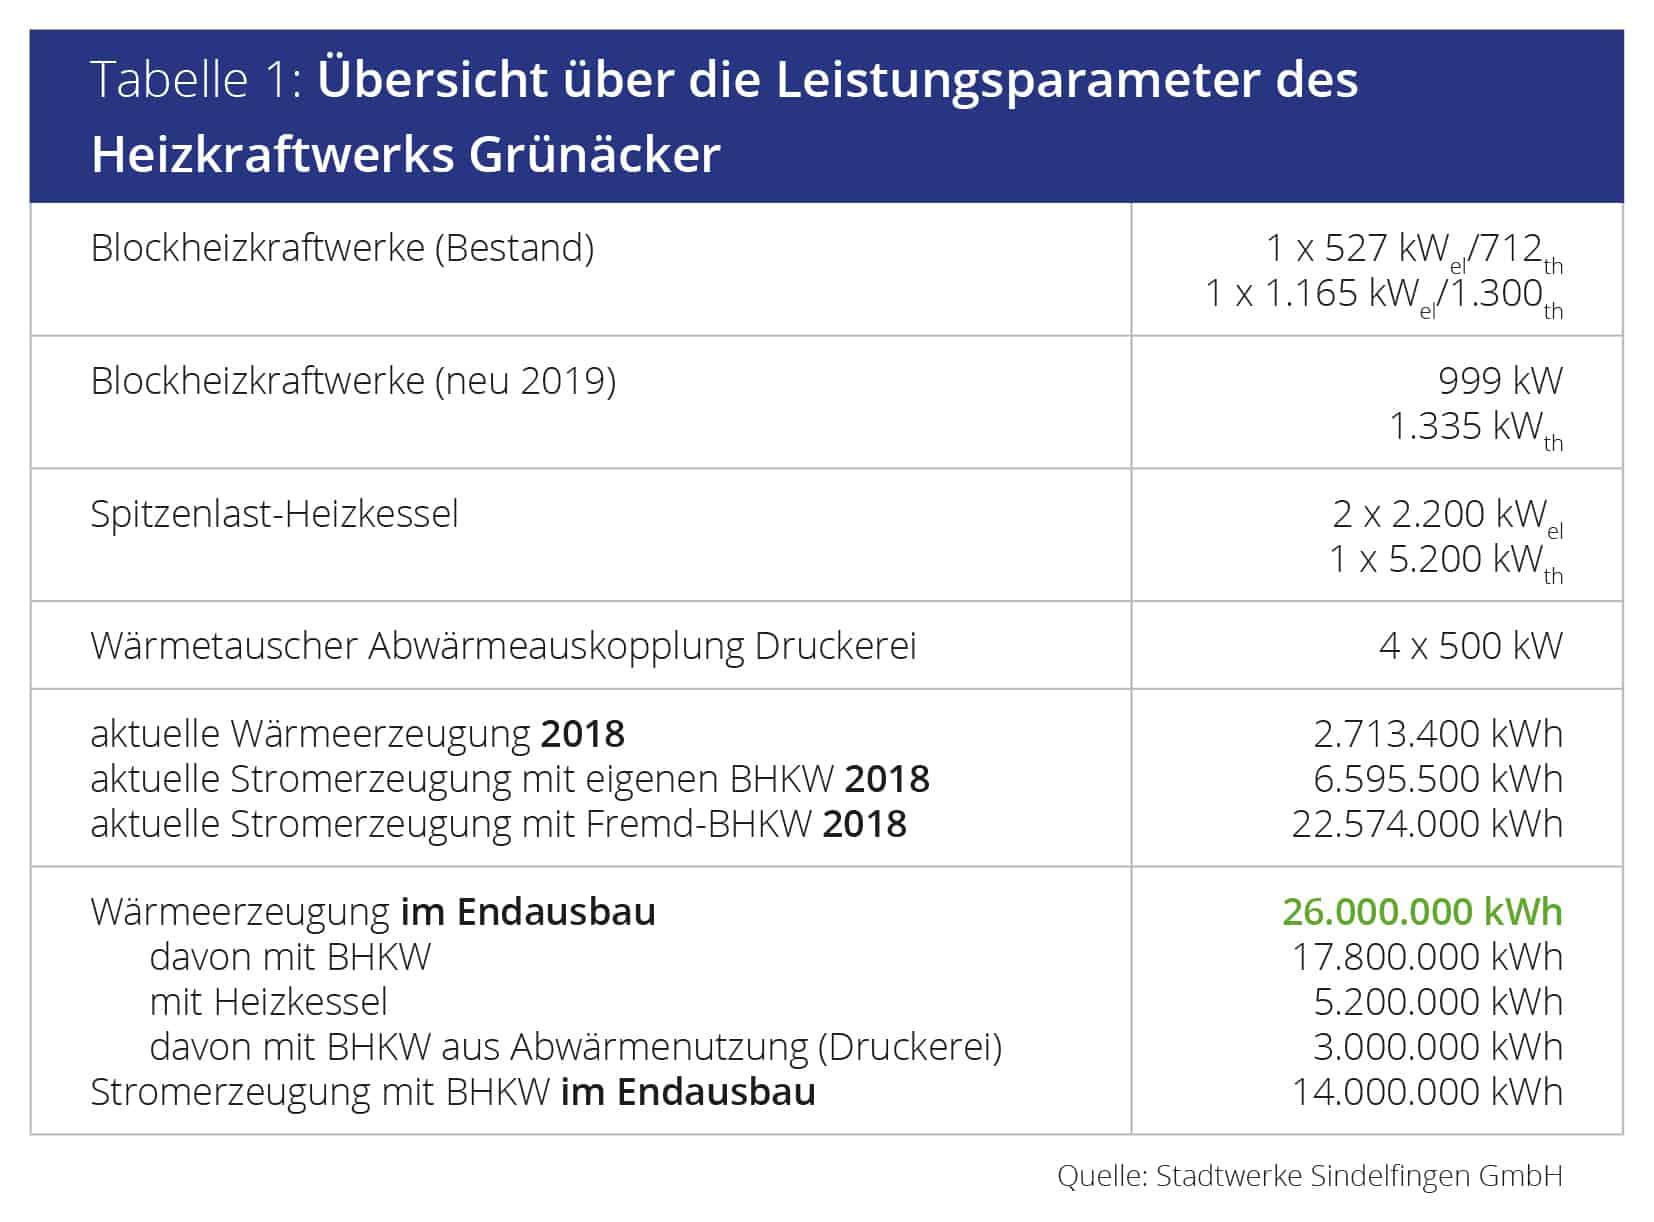 Übersicht der Leistungsparameter des Heizkraftwerks Grünäcker